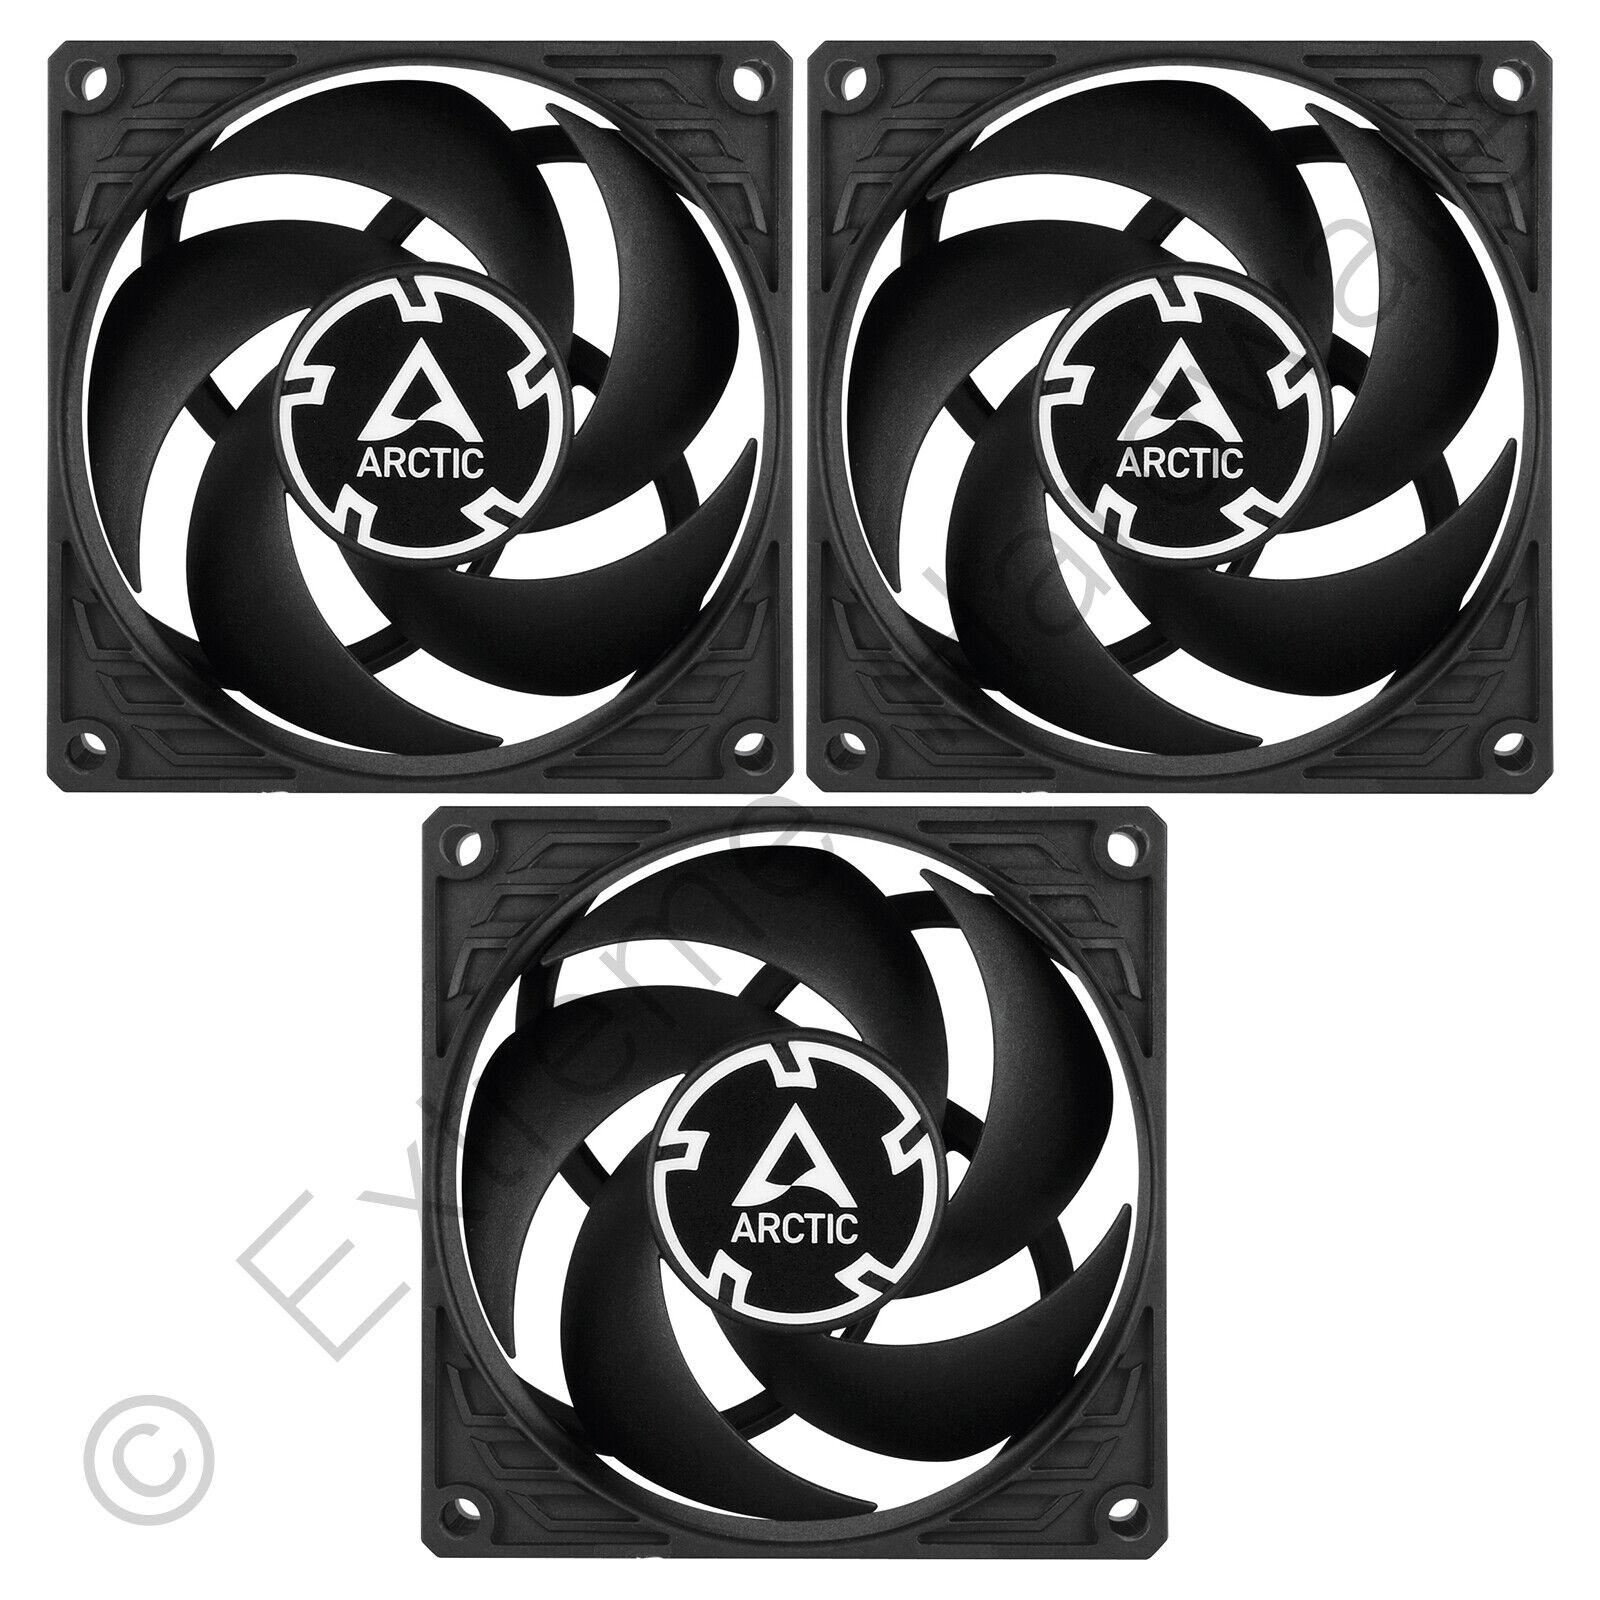 3x pack arctic p8 80mm pc case fans 3000 rpm 23.4 pcm 0.3 sone 12v 3